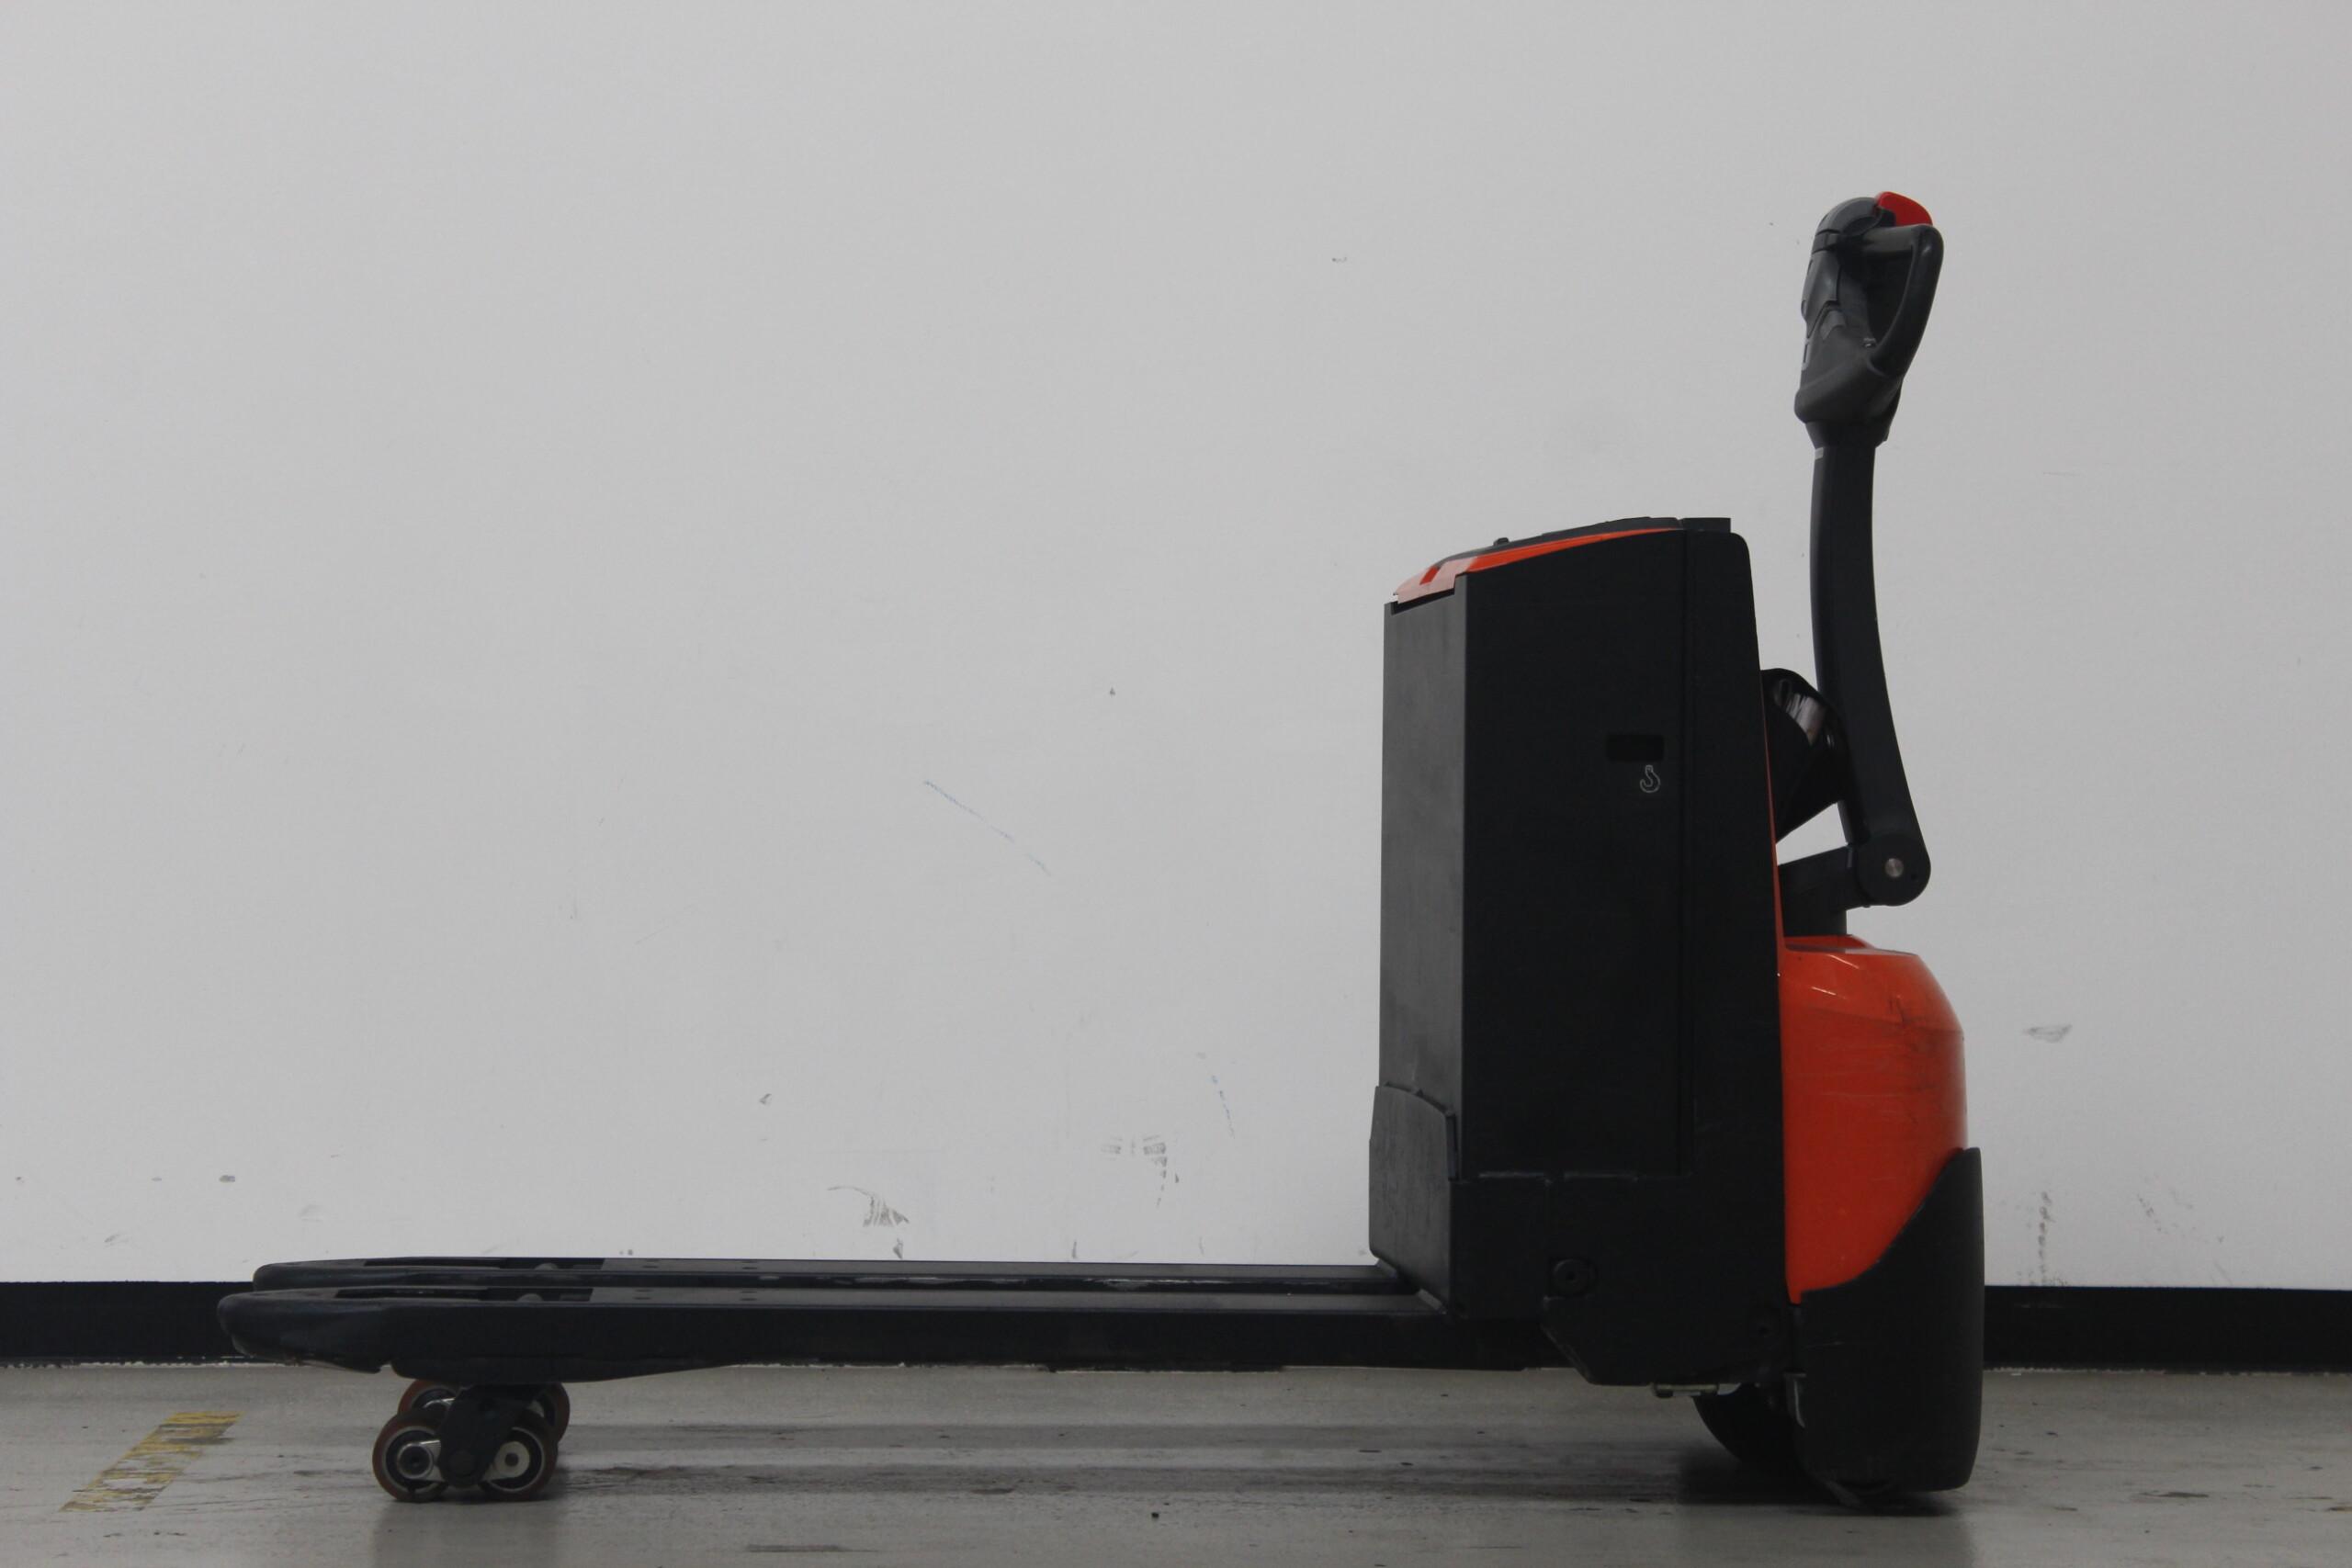 Toyota-Gabelstapler-59840 1810020980 1 72 scaled